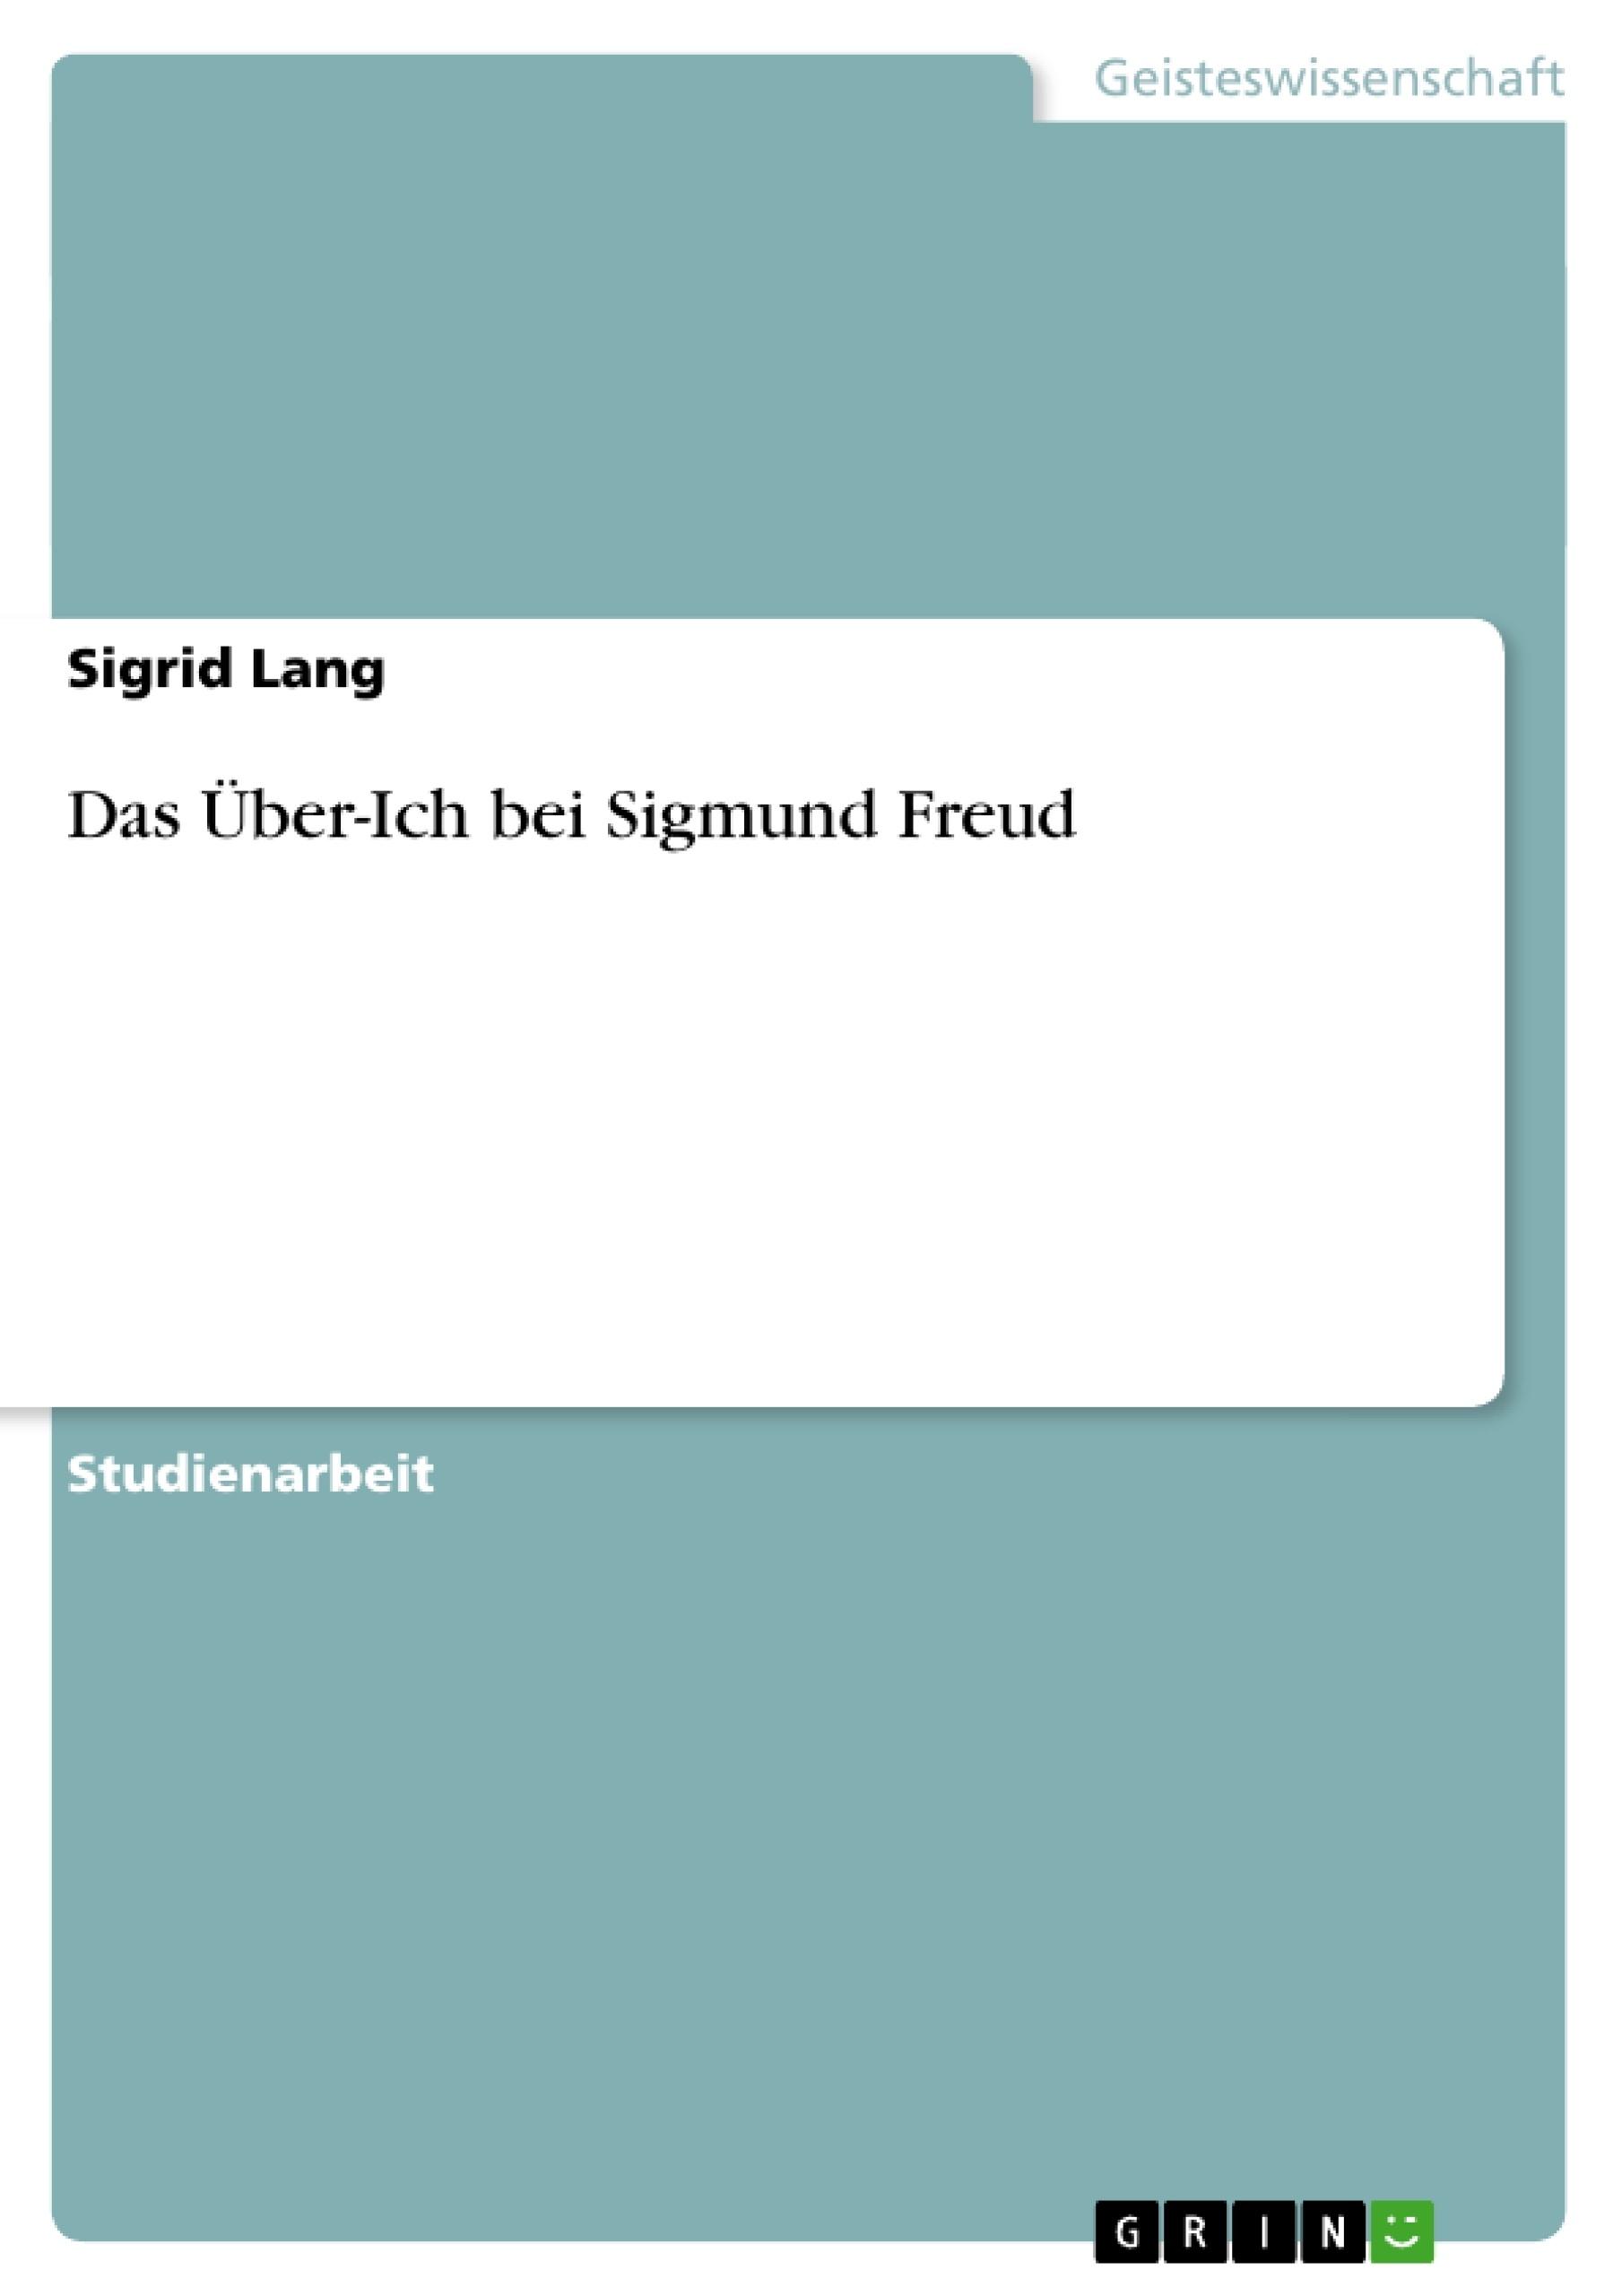 Titel: Das Über-Ich bei Sigmund Freud